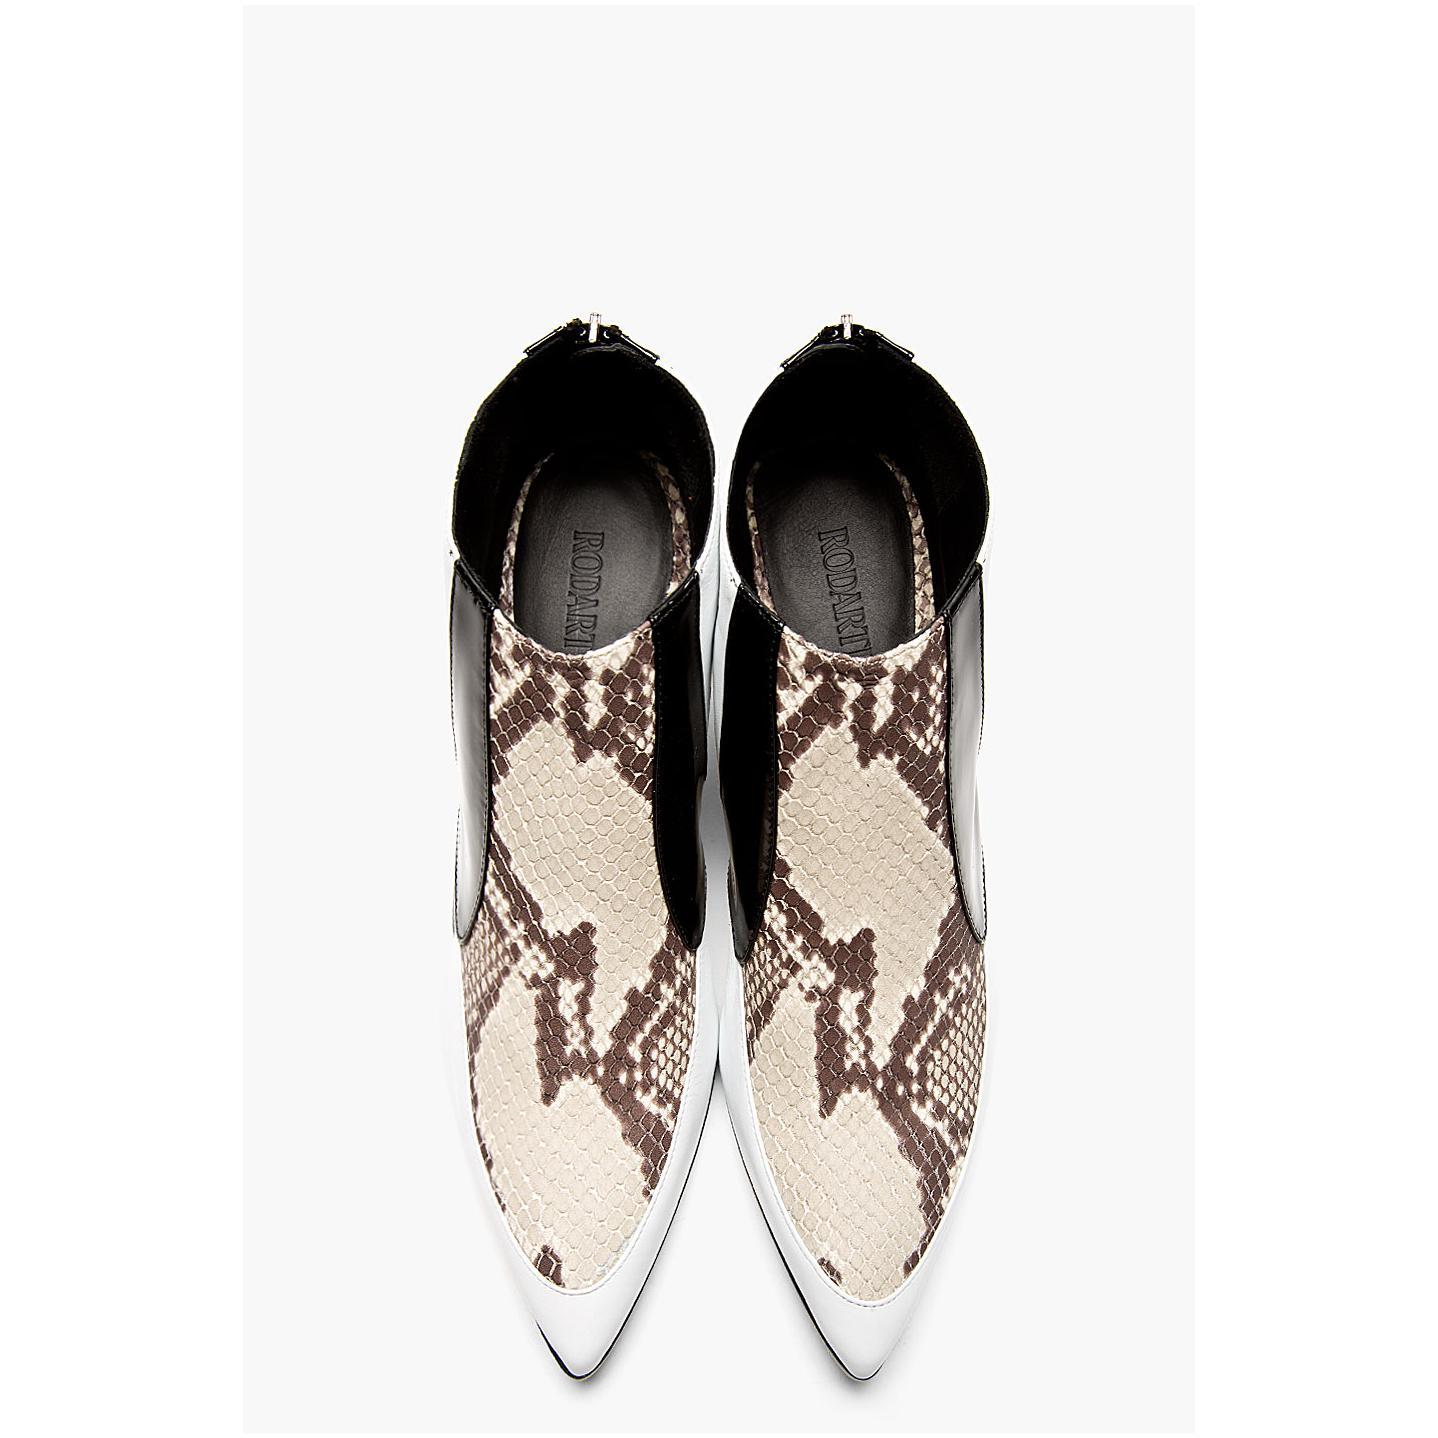 1388-Rodarte-White-Snakeskin-Embossed-Ankle-Boots-5.jpg